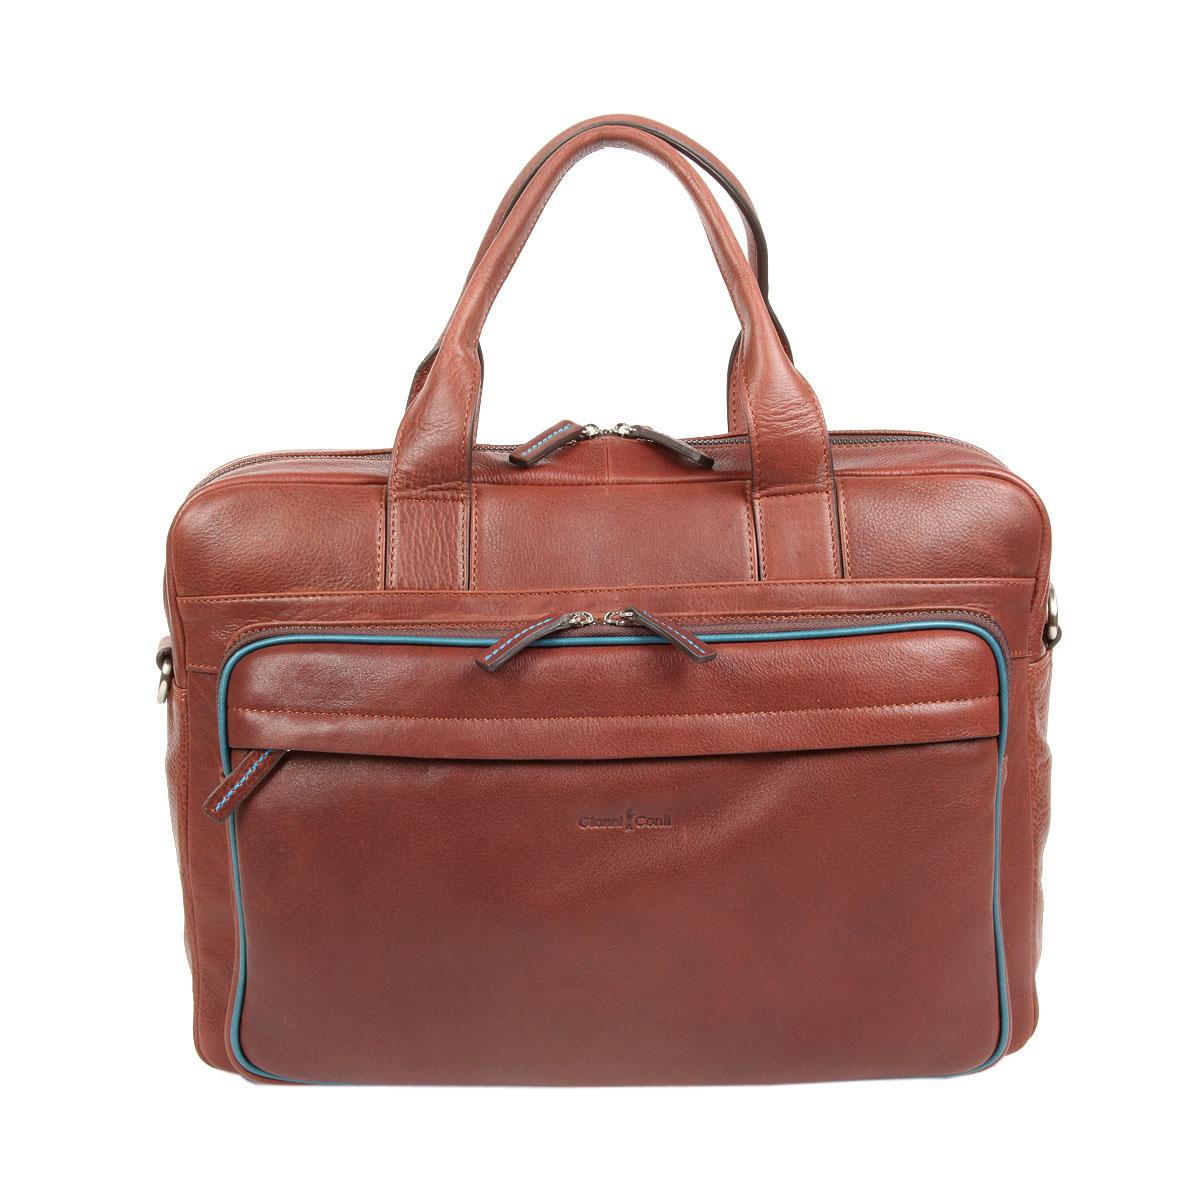 Сумка мужская Gianni Conti, цвет: коричневый. 17512761751276 brown tealСтильная мужская сумка Gianni Conti выполнена из натуральной кожи. Изделие имеет одно основное отделение, которое закрывается на застежку-молнию. Внутри имеются два открытых накладных кармана, держатель для авторучки, мягкий карман для ноутбука, который закрывается на хлястик с липучкой и прорезной карман на застежке-молнии. Снаружи, на передней стенке имеется накладной карман на застежке-молнии и прорезной карман на застежке-молнии. На задней стенке расположен дополнительный прорезной карман на застежке-молнии. Модель оснащена двумя удобными ручками. В комплект входит съемный текстильный плечевой ремень, который регулируется по длине. Основание защищено от повреждений металлическими ножками. Сумка упакована в фирменный чехол. Роскошная сумка внесет элегантные нотки в ваш образ и подчеркнет ваше отменное чувство стиля.